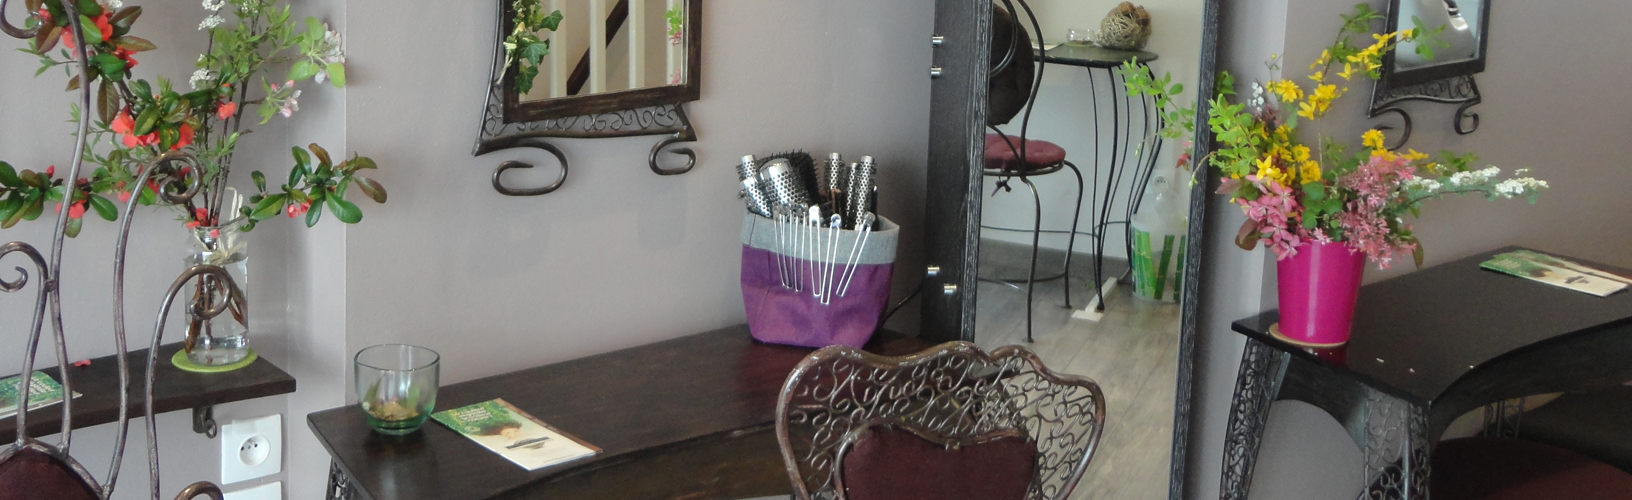 Pur Végétal - Salon de coiffure dédié aux produits naturels et bio